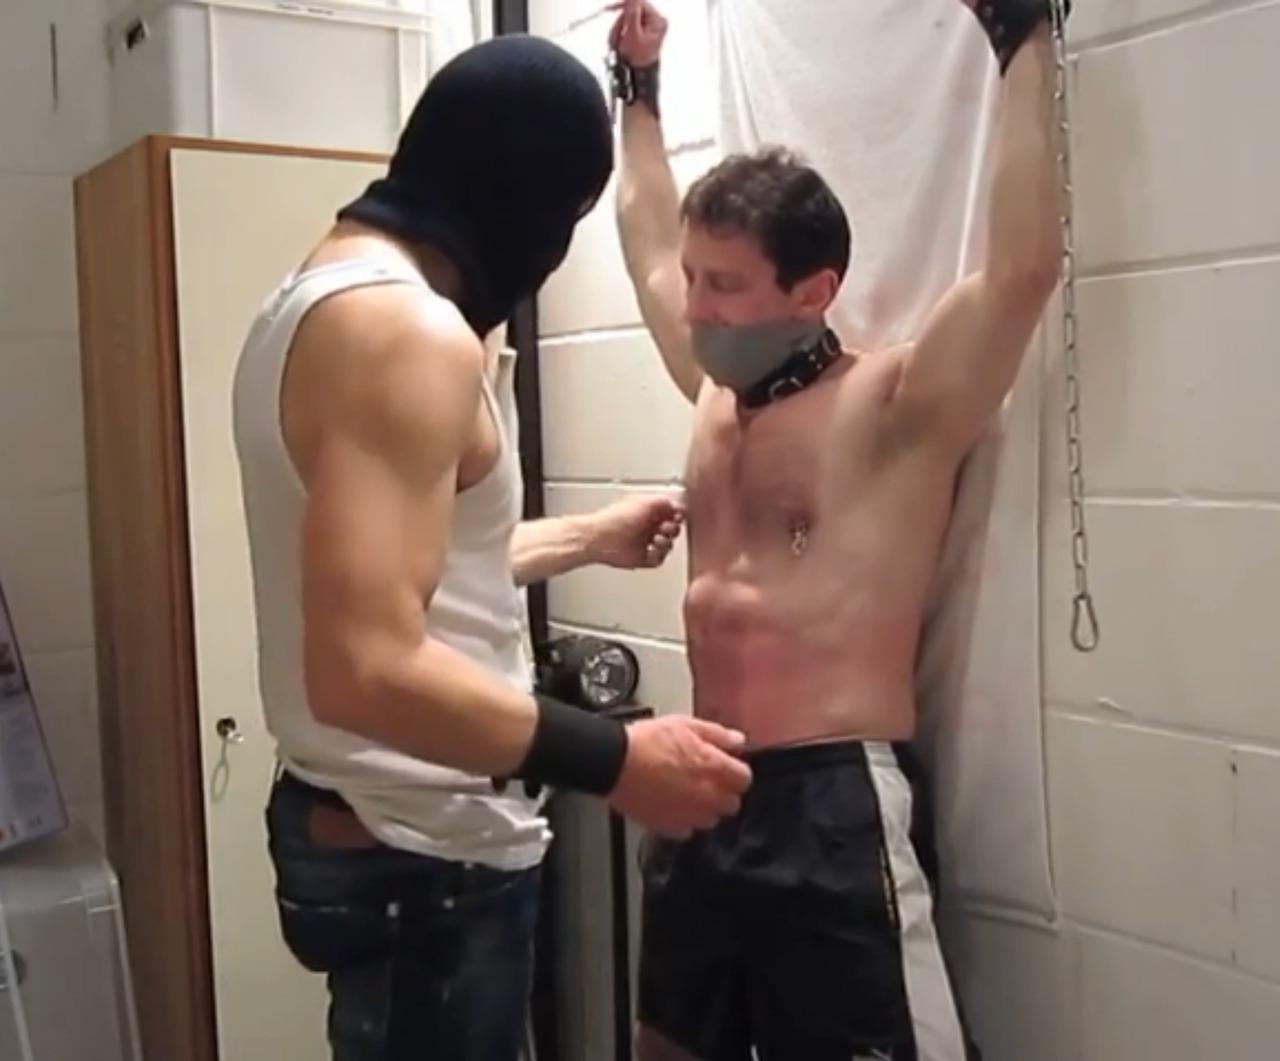 Male gut punching